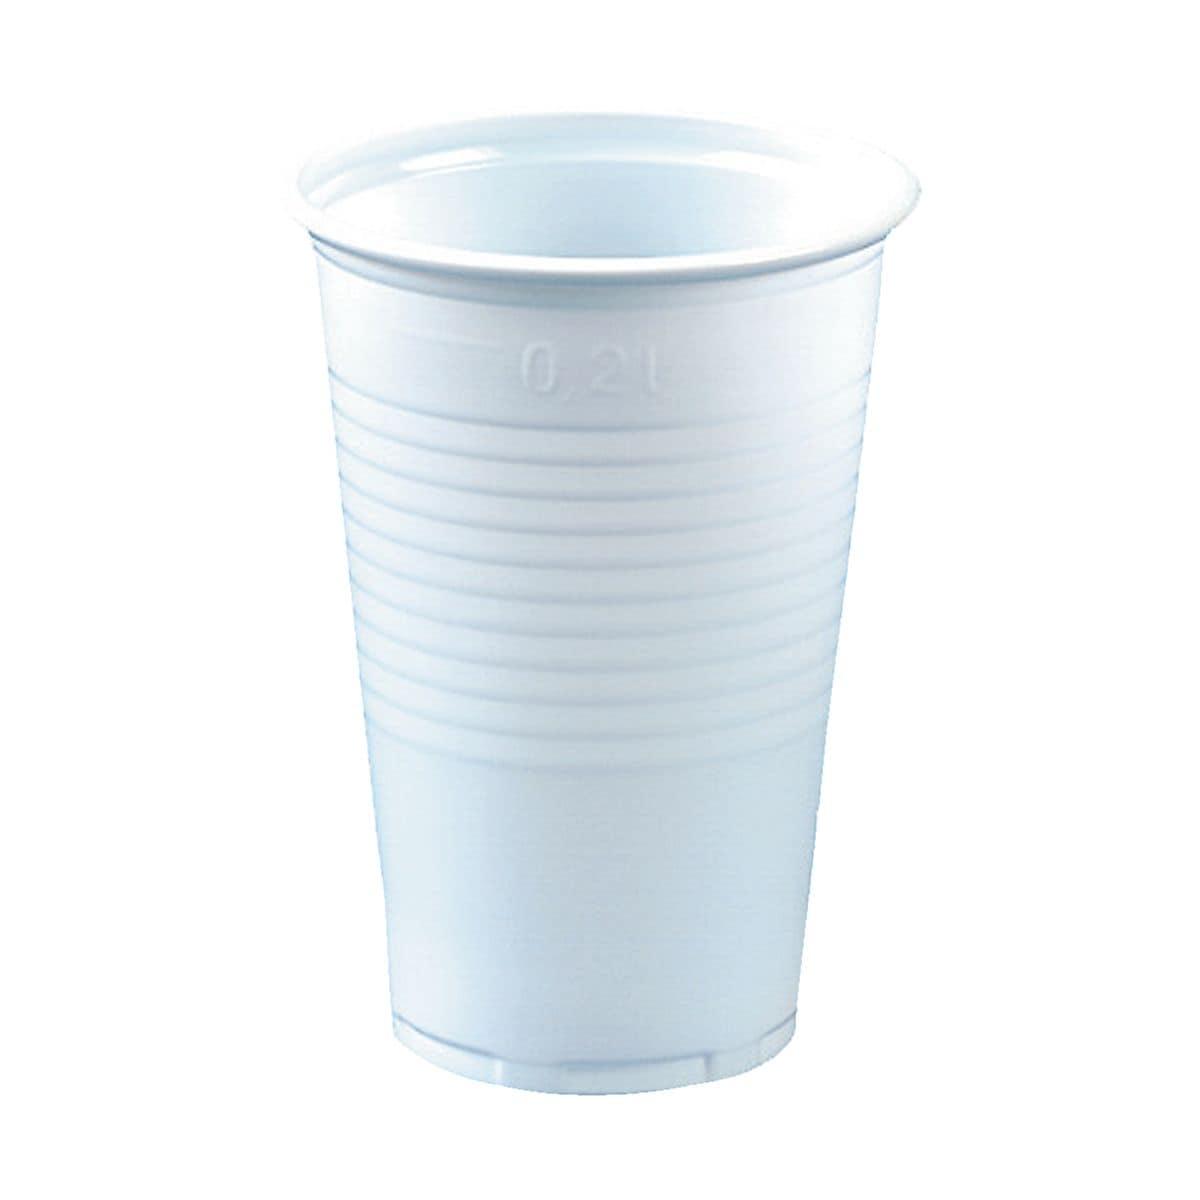 Papstar Einweg-Trinkbecher 0,2L weiß